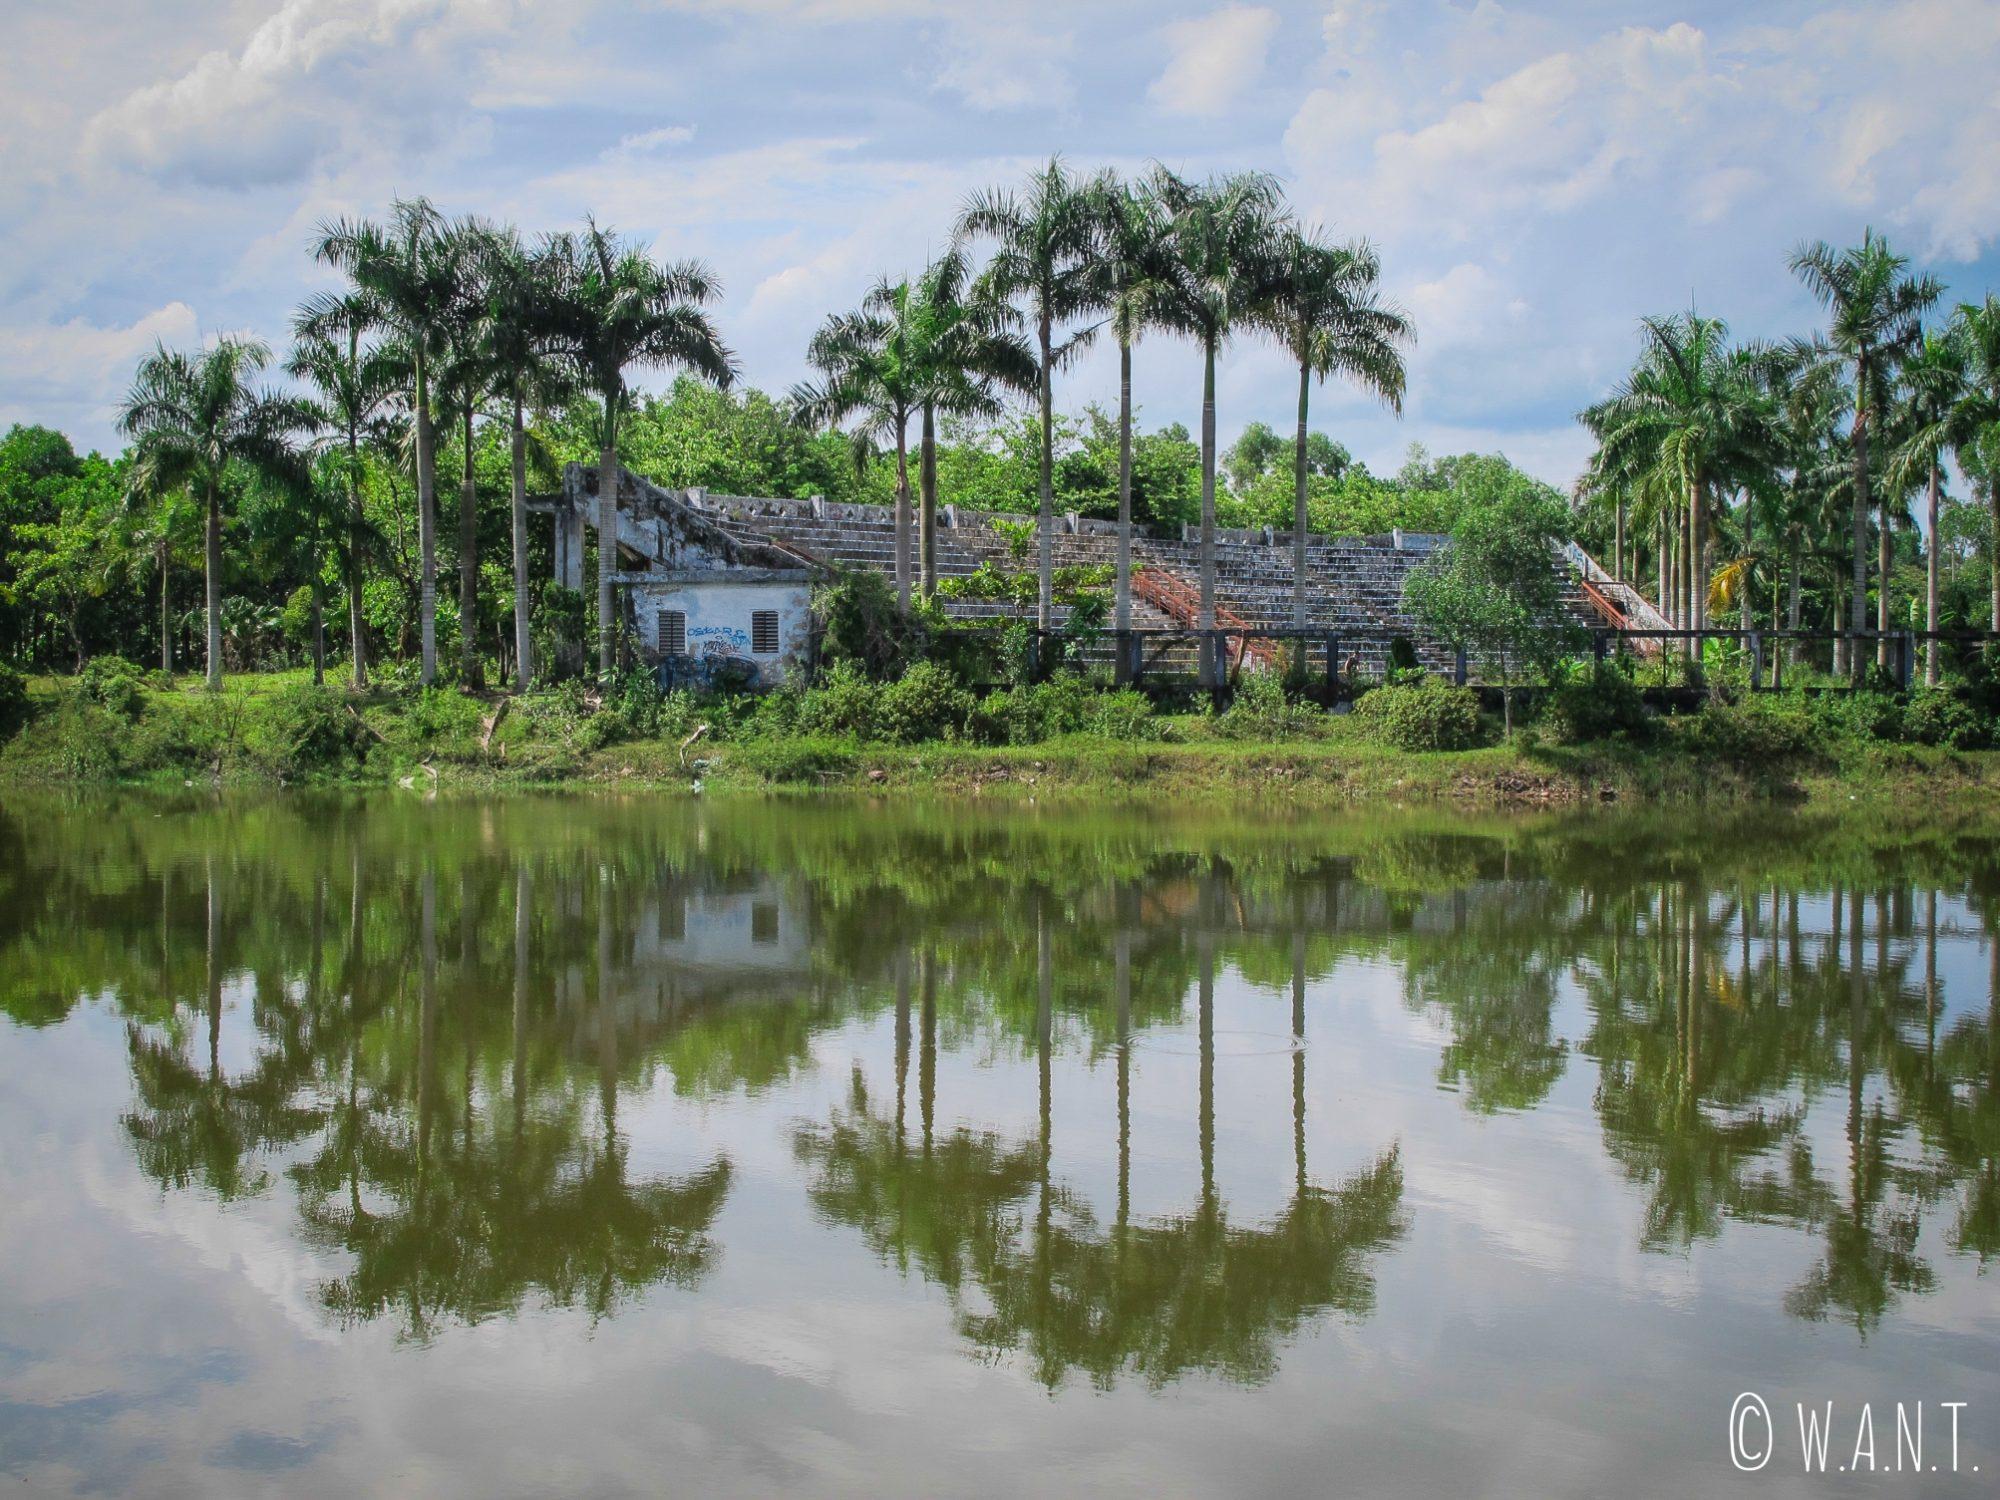 La nature reprend ses droits au parc aquatique abandonné de Ho Thuy Tien